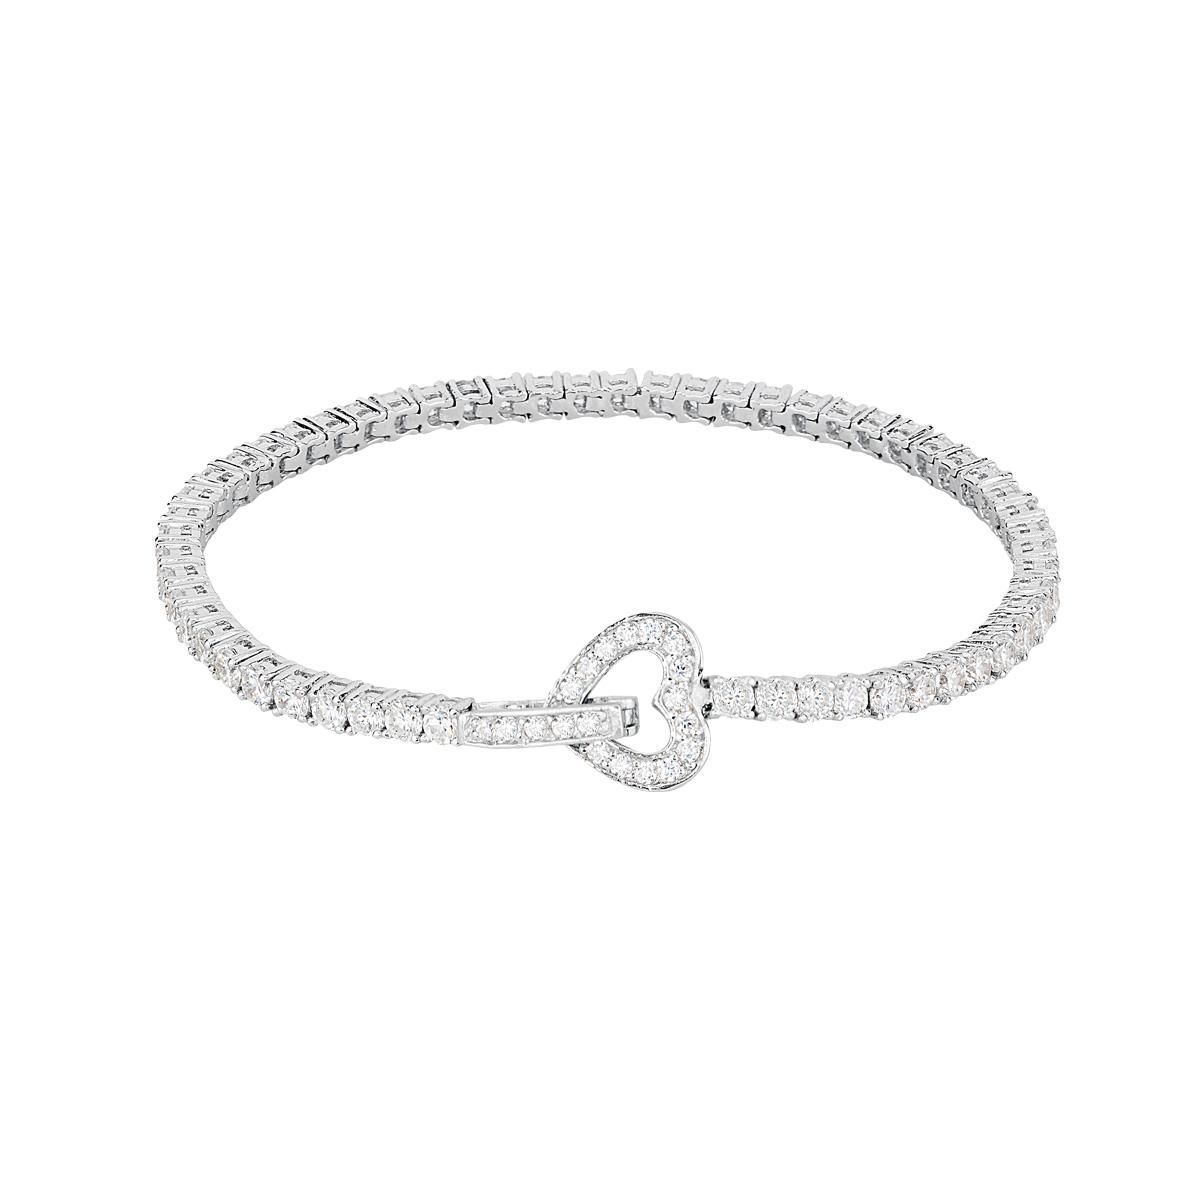 Bracciale tennis cuore in argento con zirconi 533018